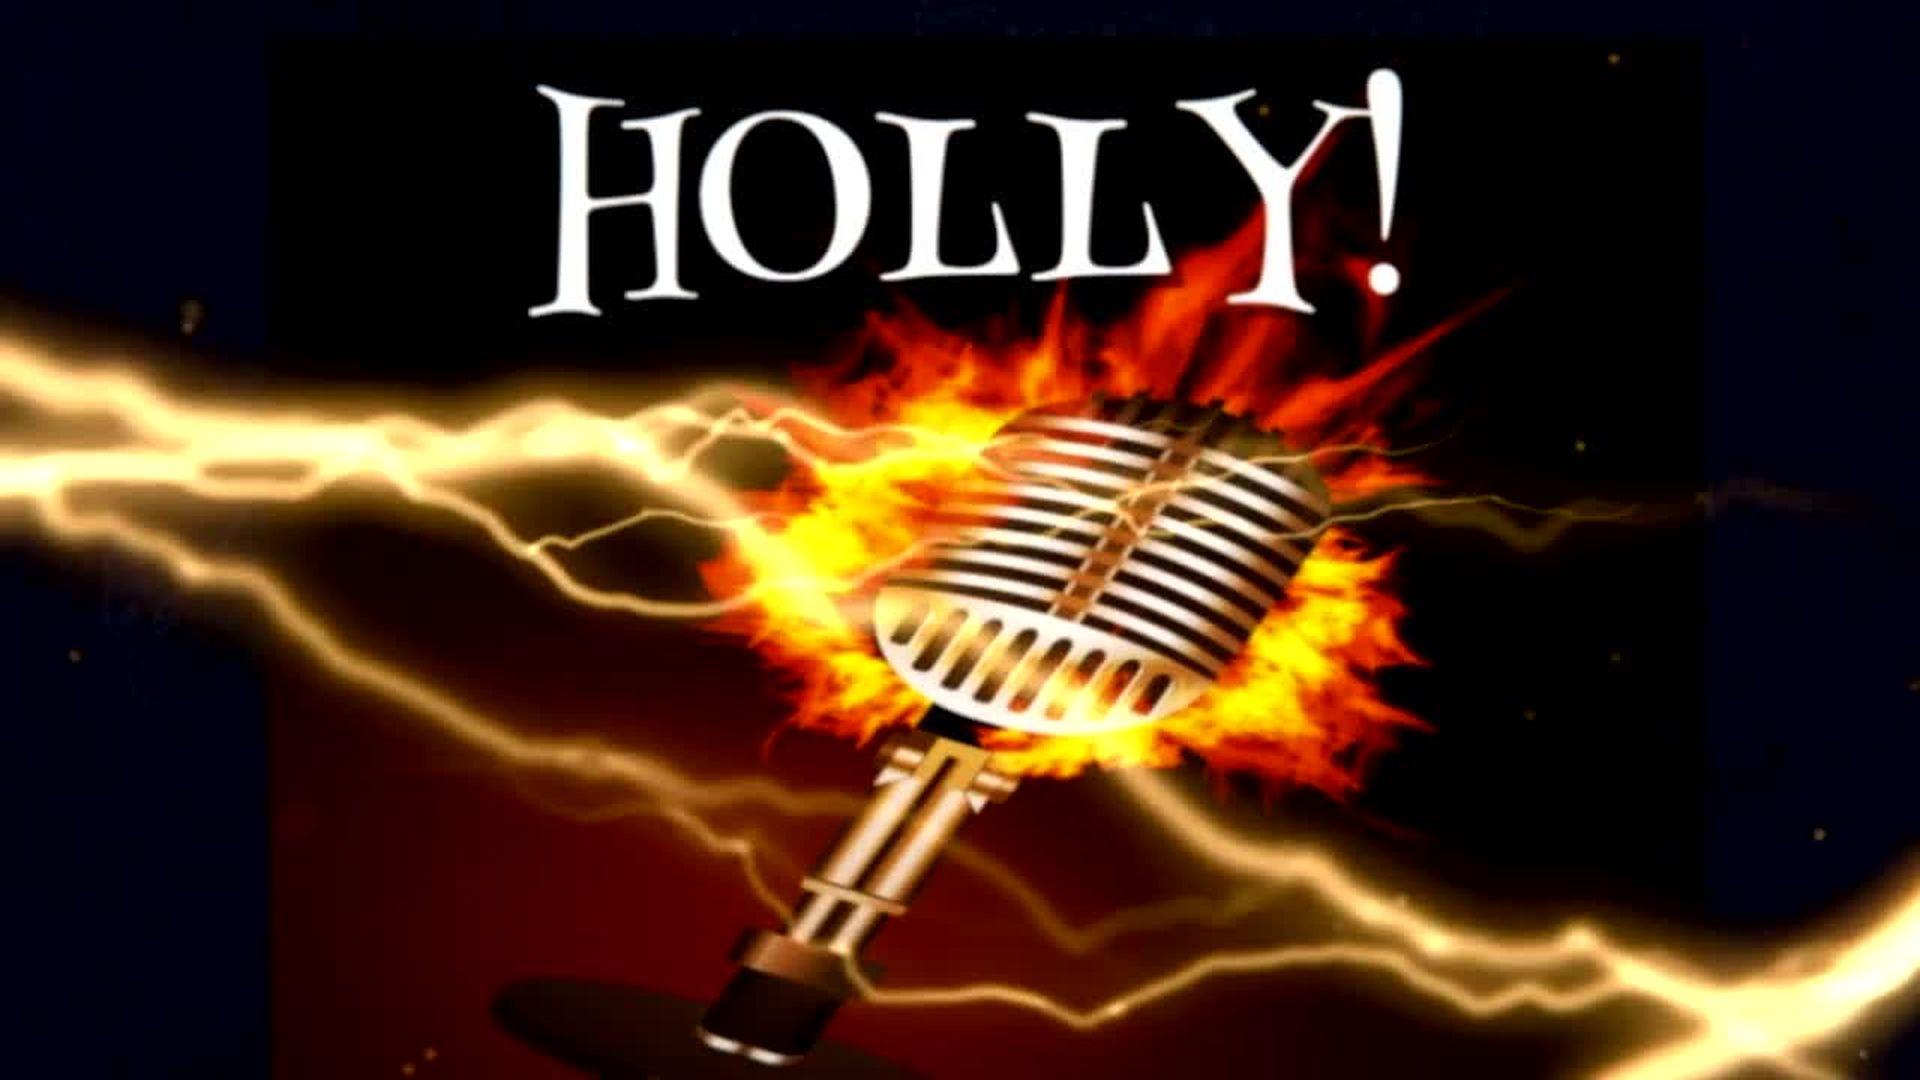 LMAO HOLLY! - KIM WADSWORTH